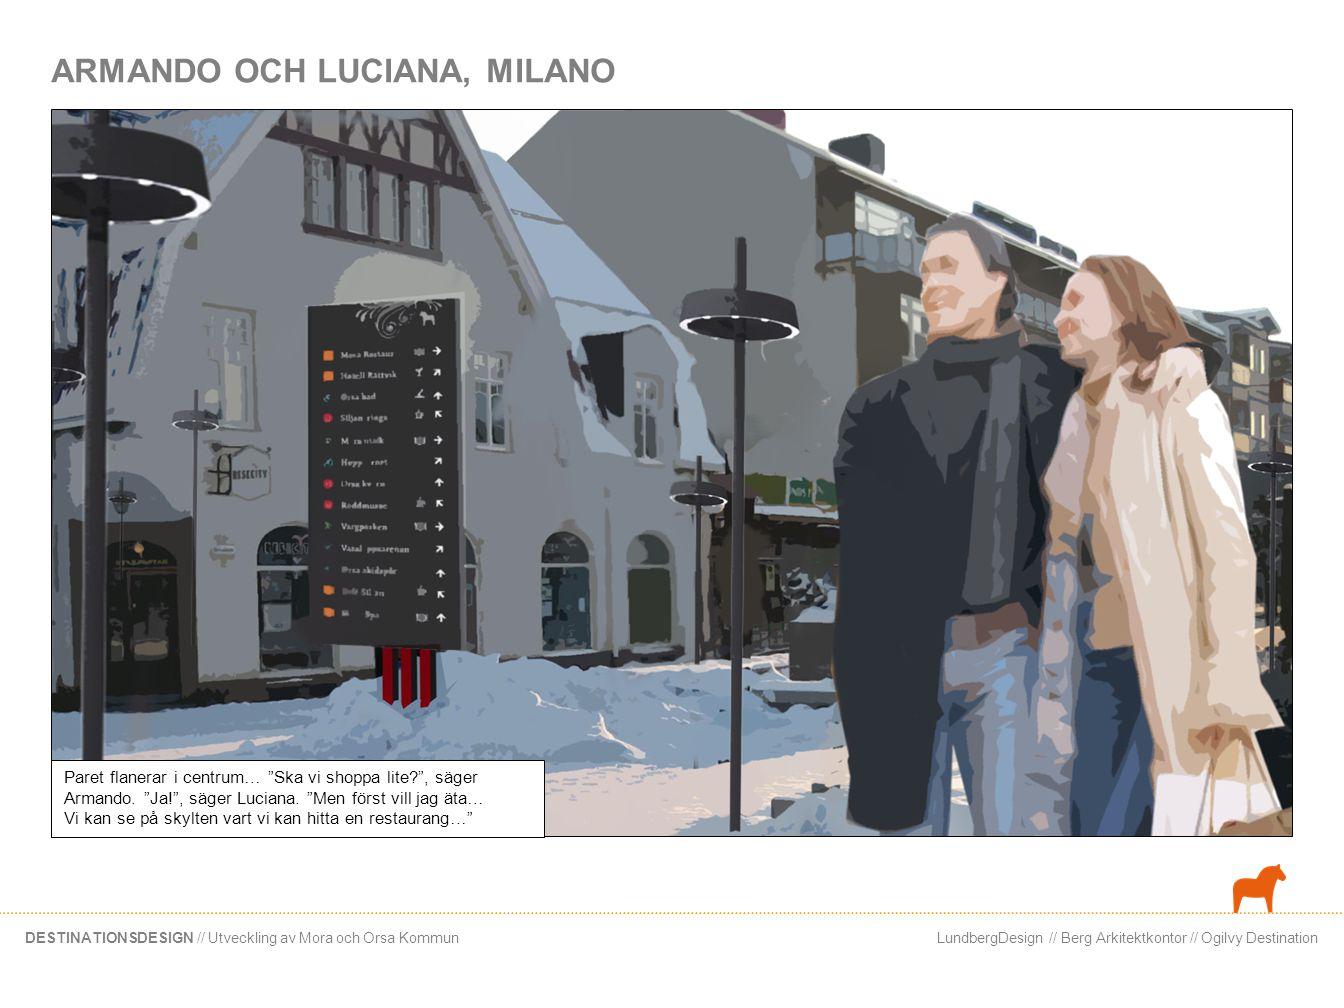 ARMANDO OCH LUCIANA, MILANO